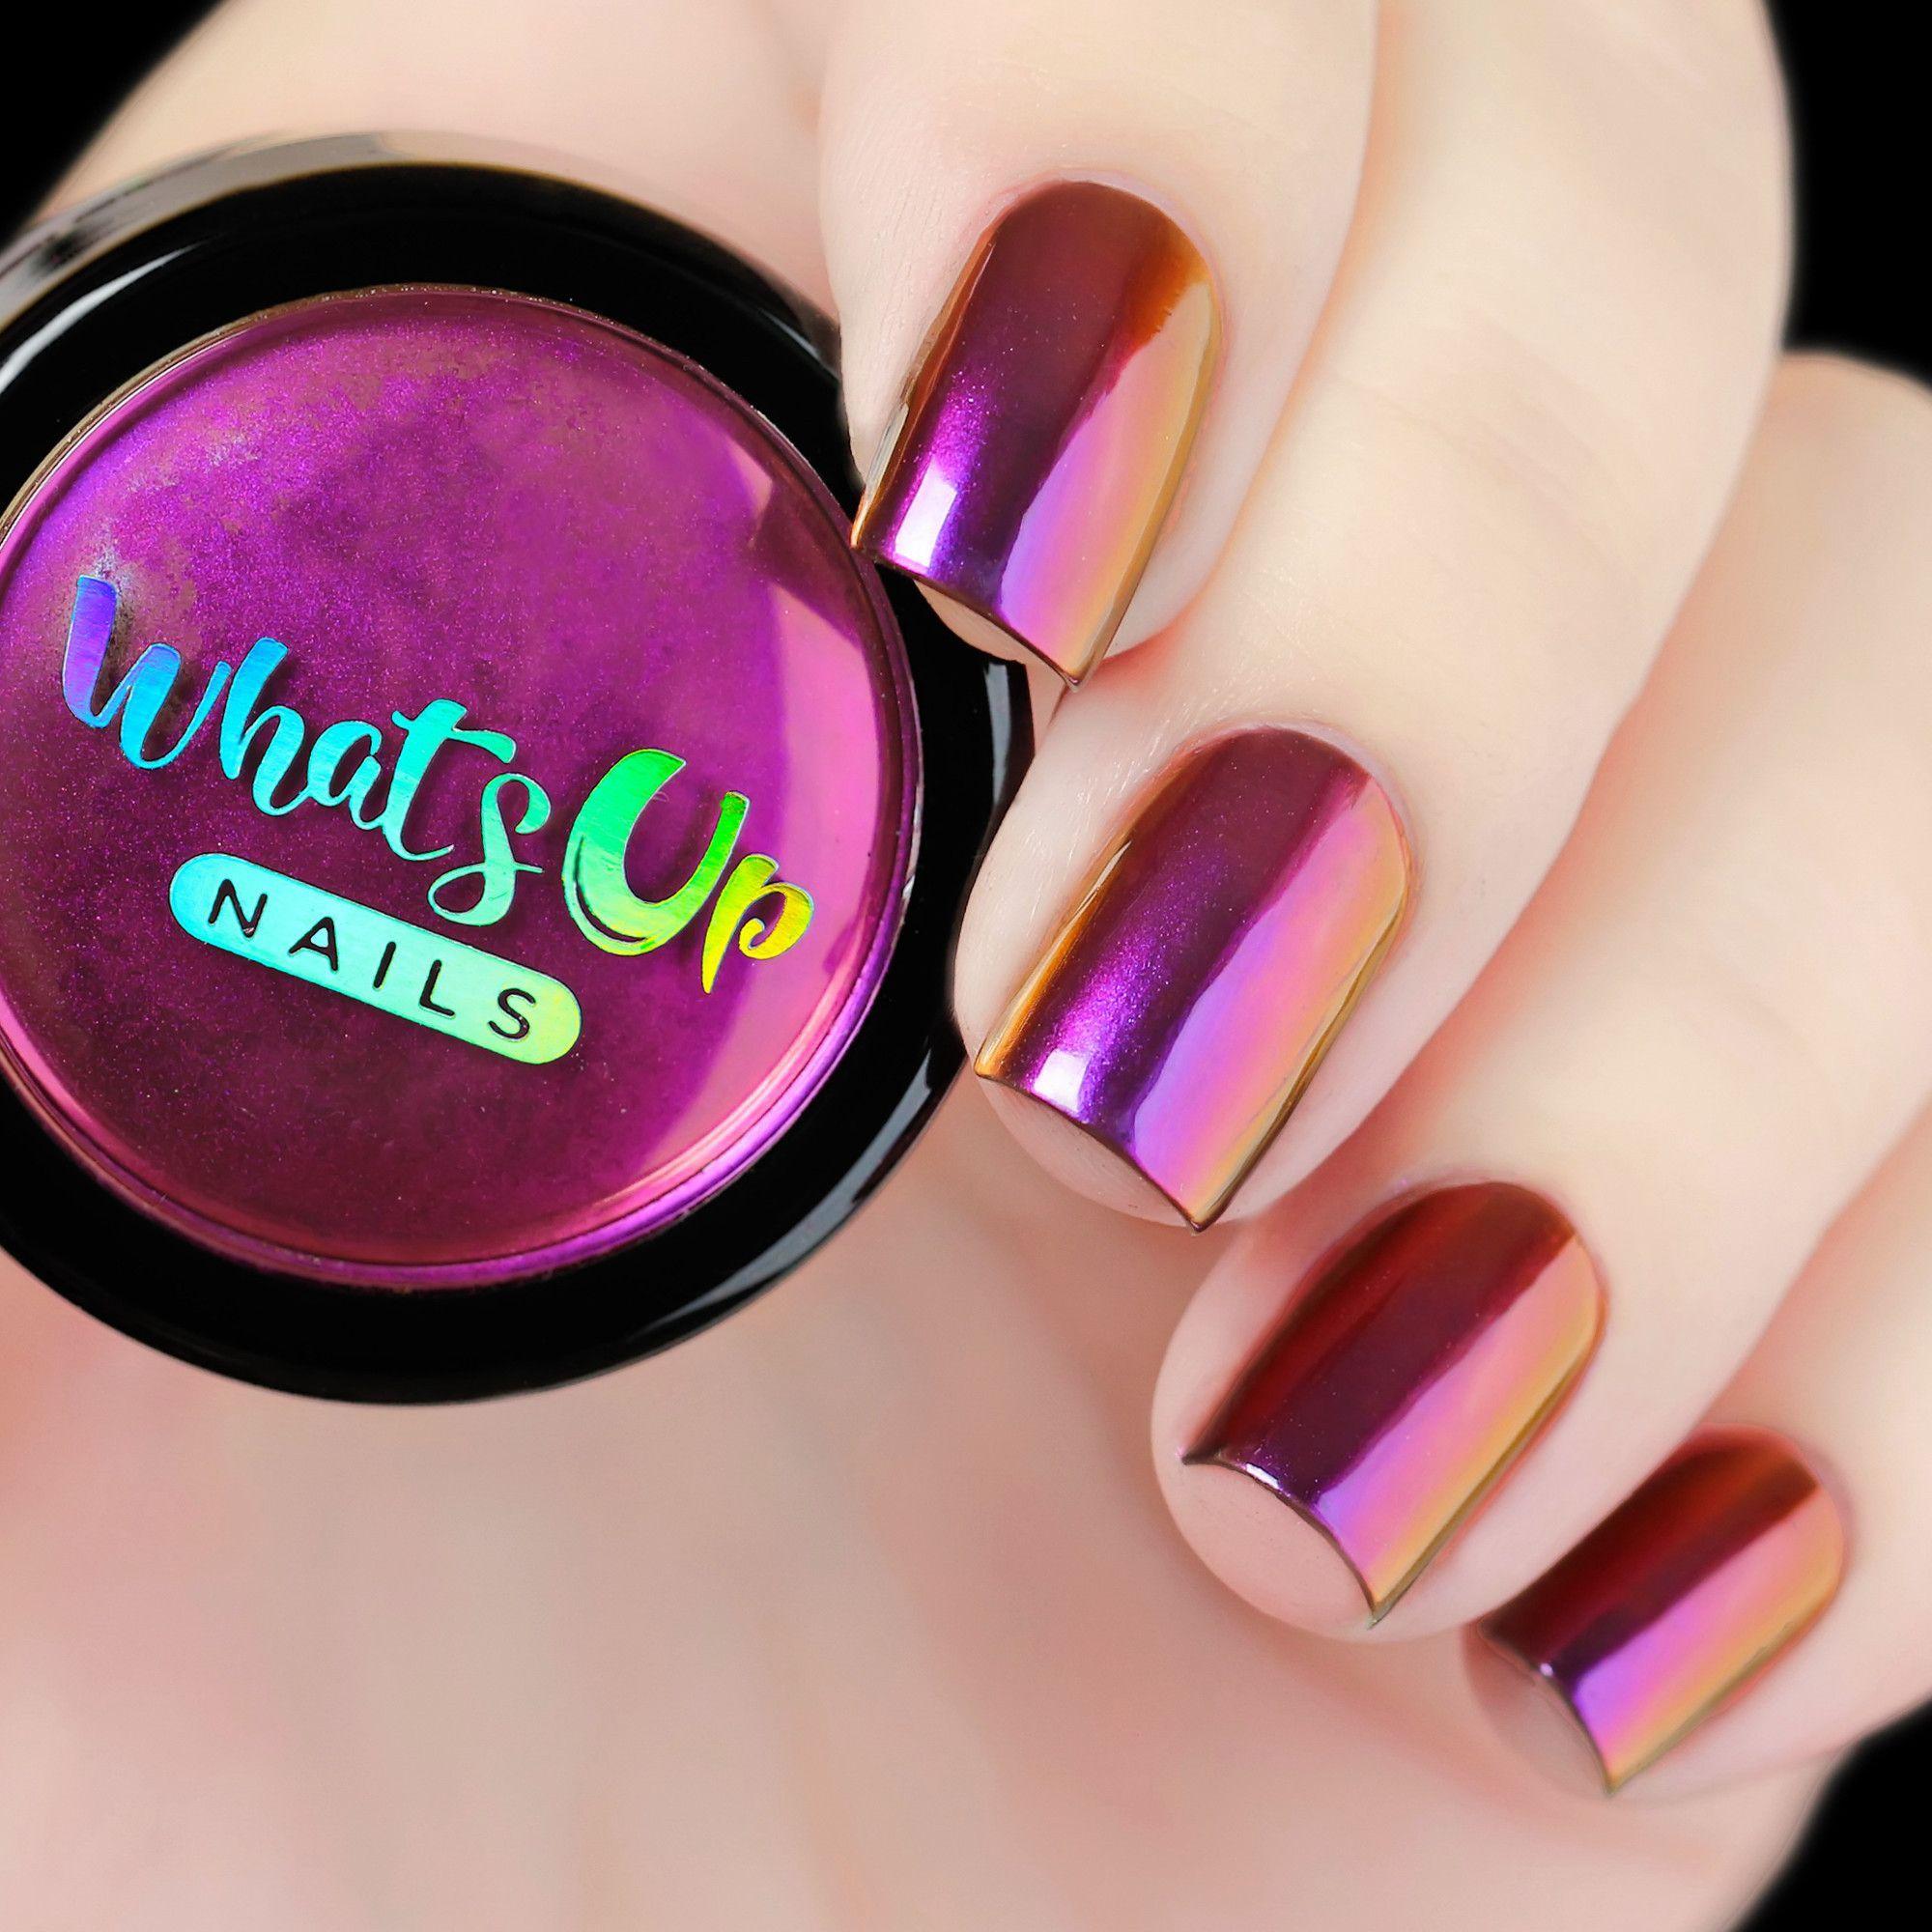 Fantasy Powder | Uñas espejo, Diseños de uñas y Uñas metálicas